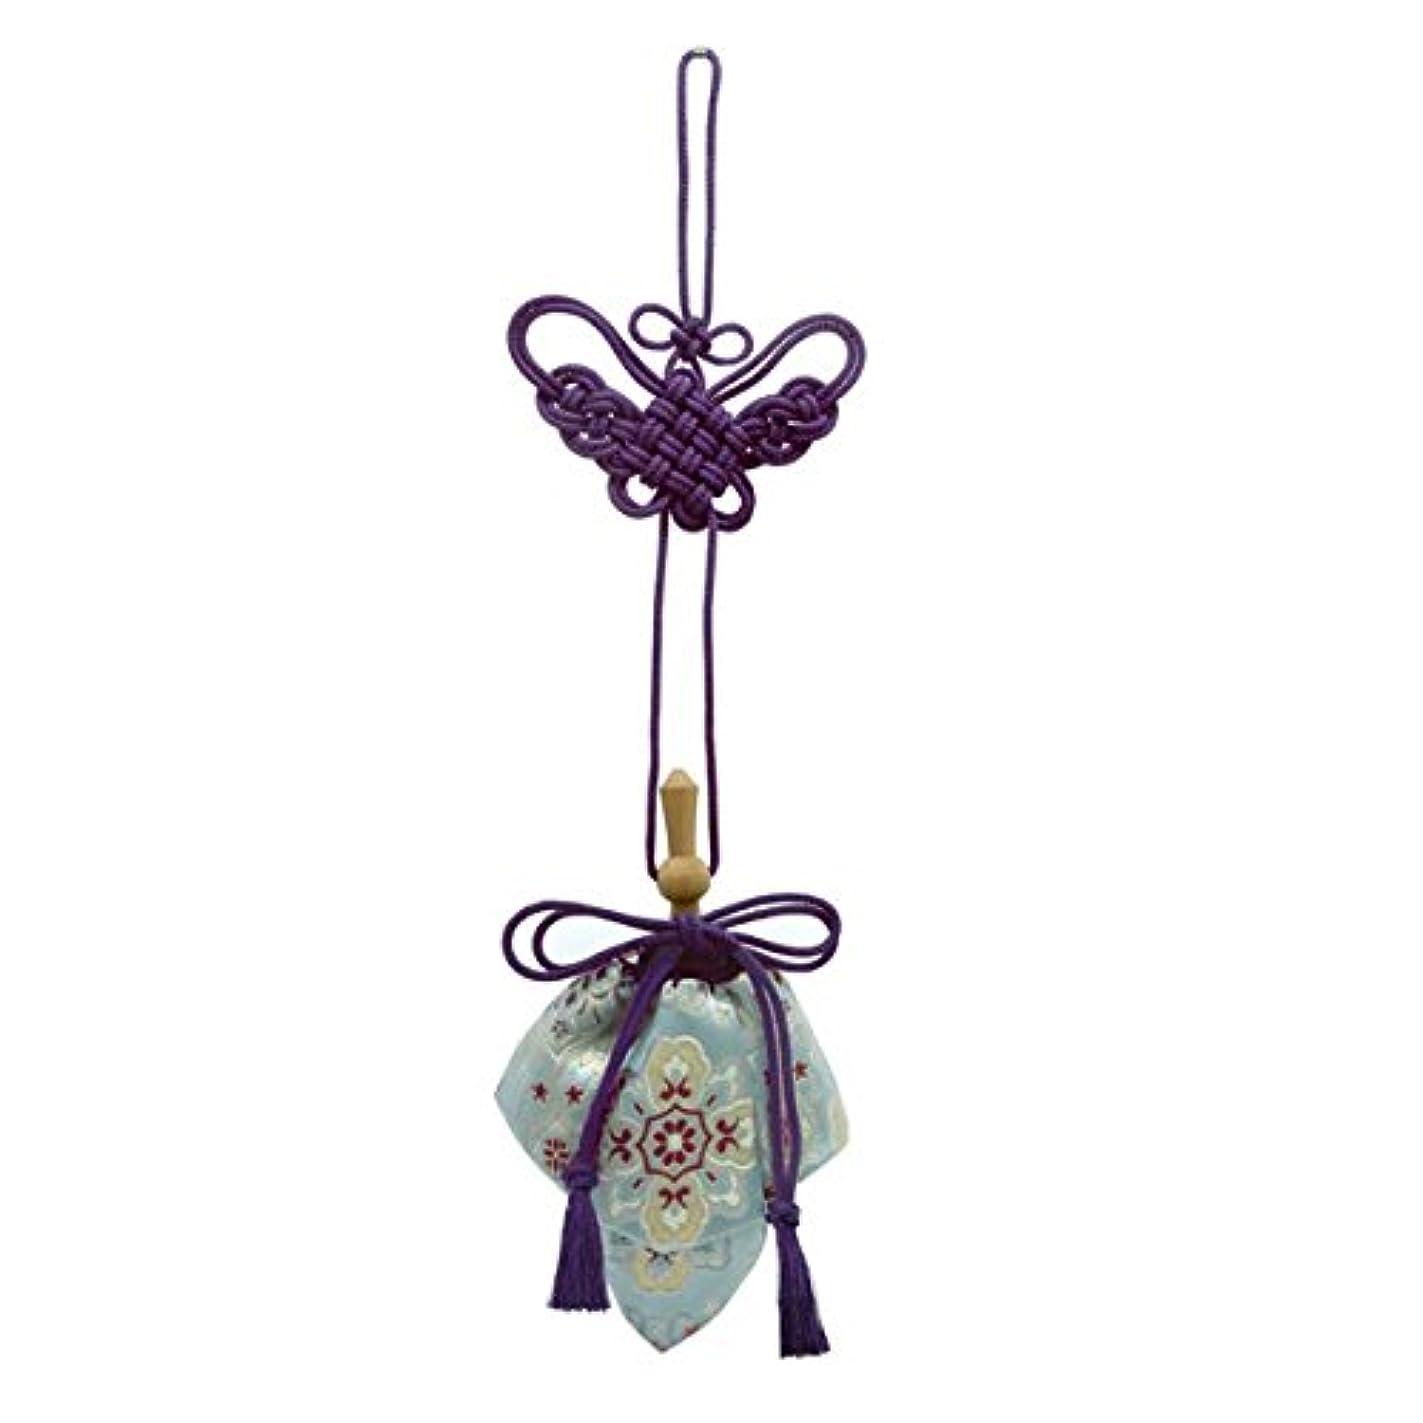 ルネッサンスベスト全滅させる訶梨勒 極品 桐箱入 花紋 (紫紐)